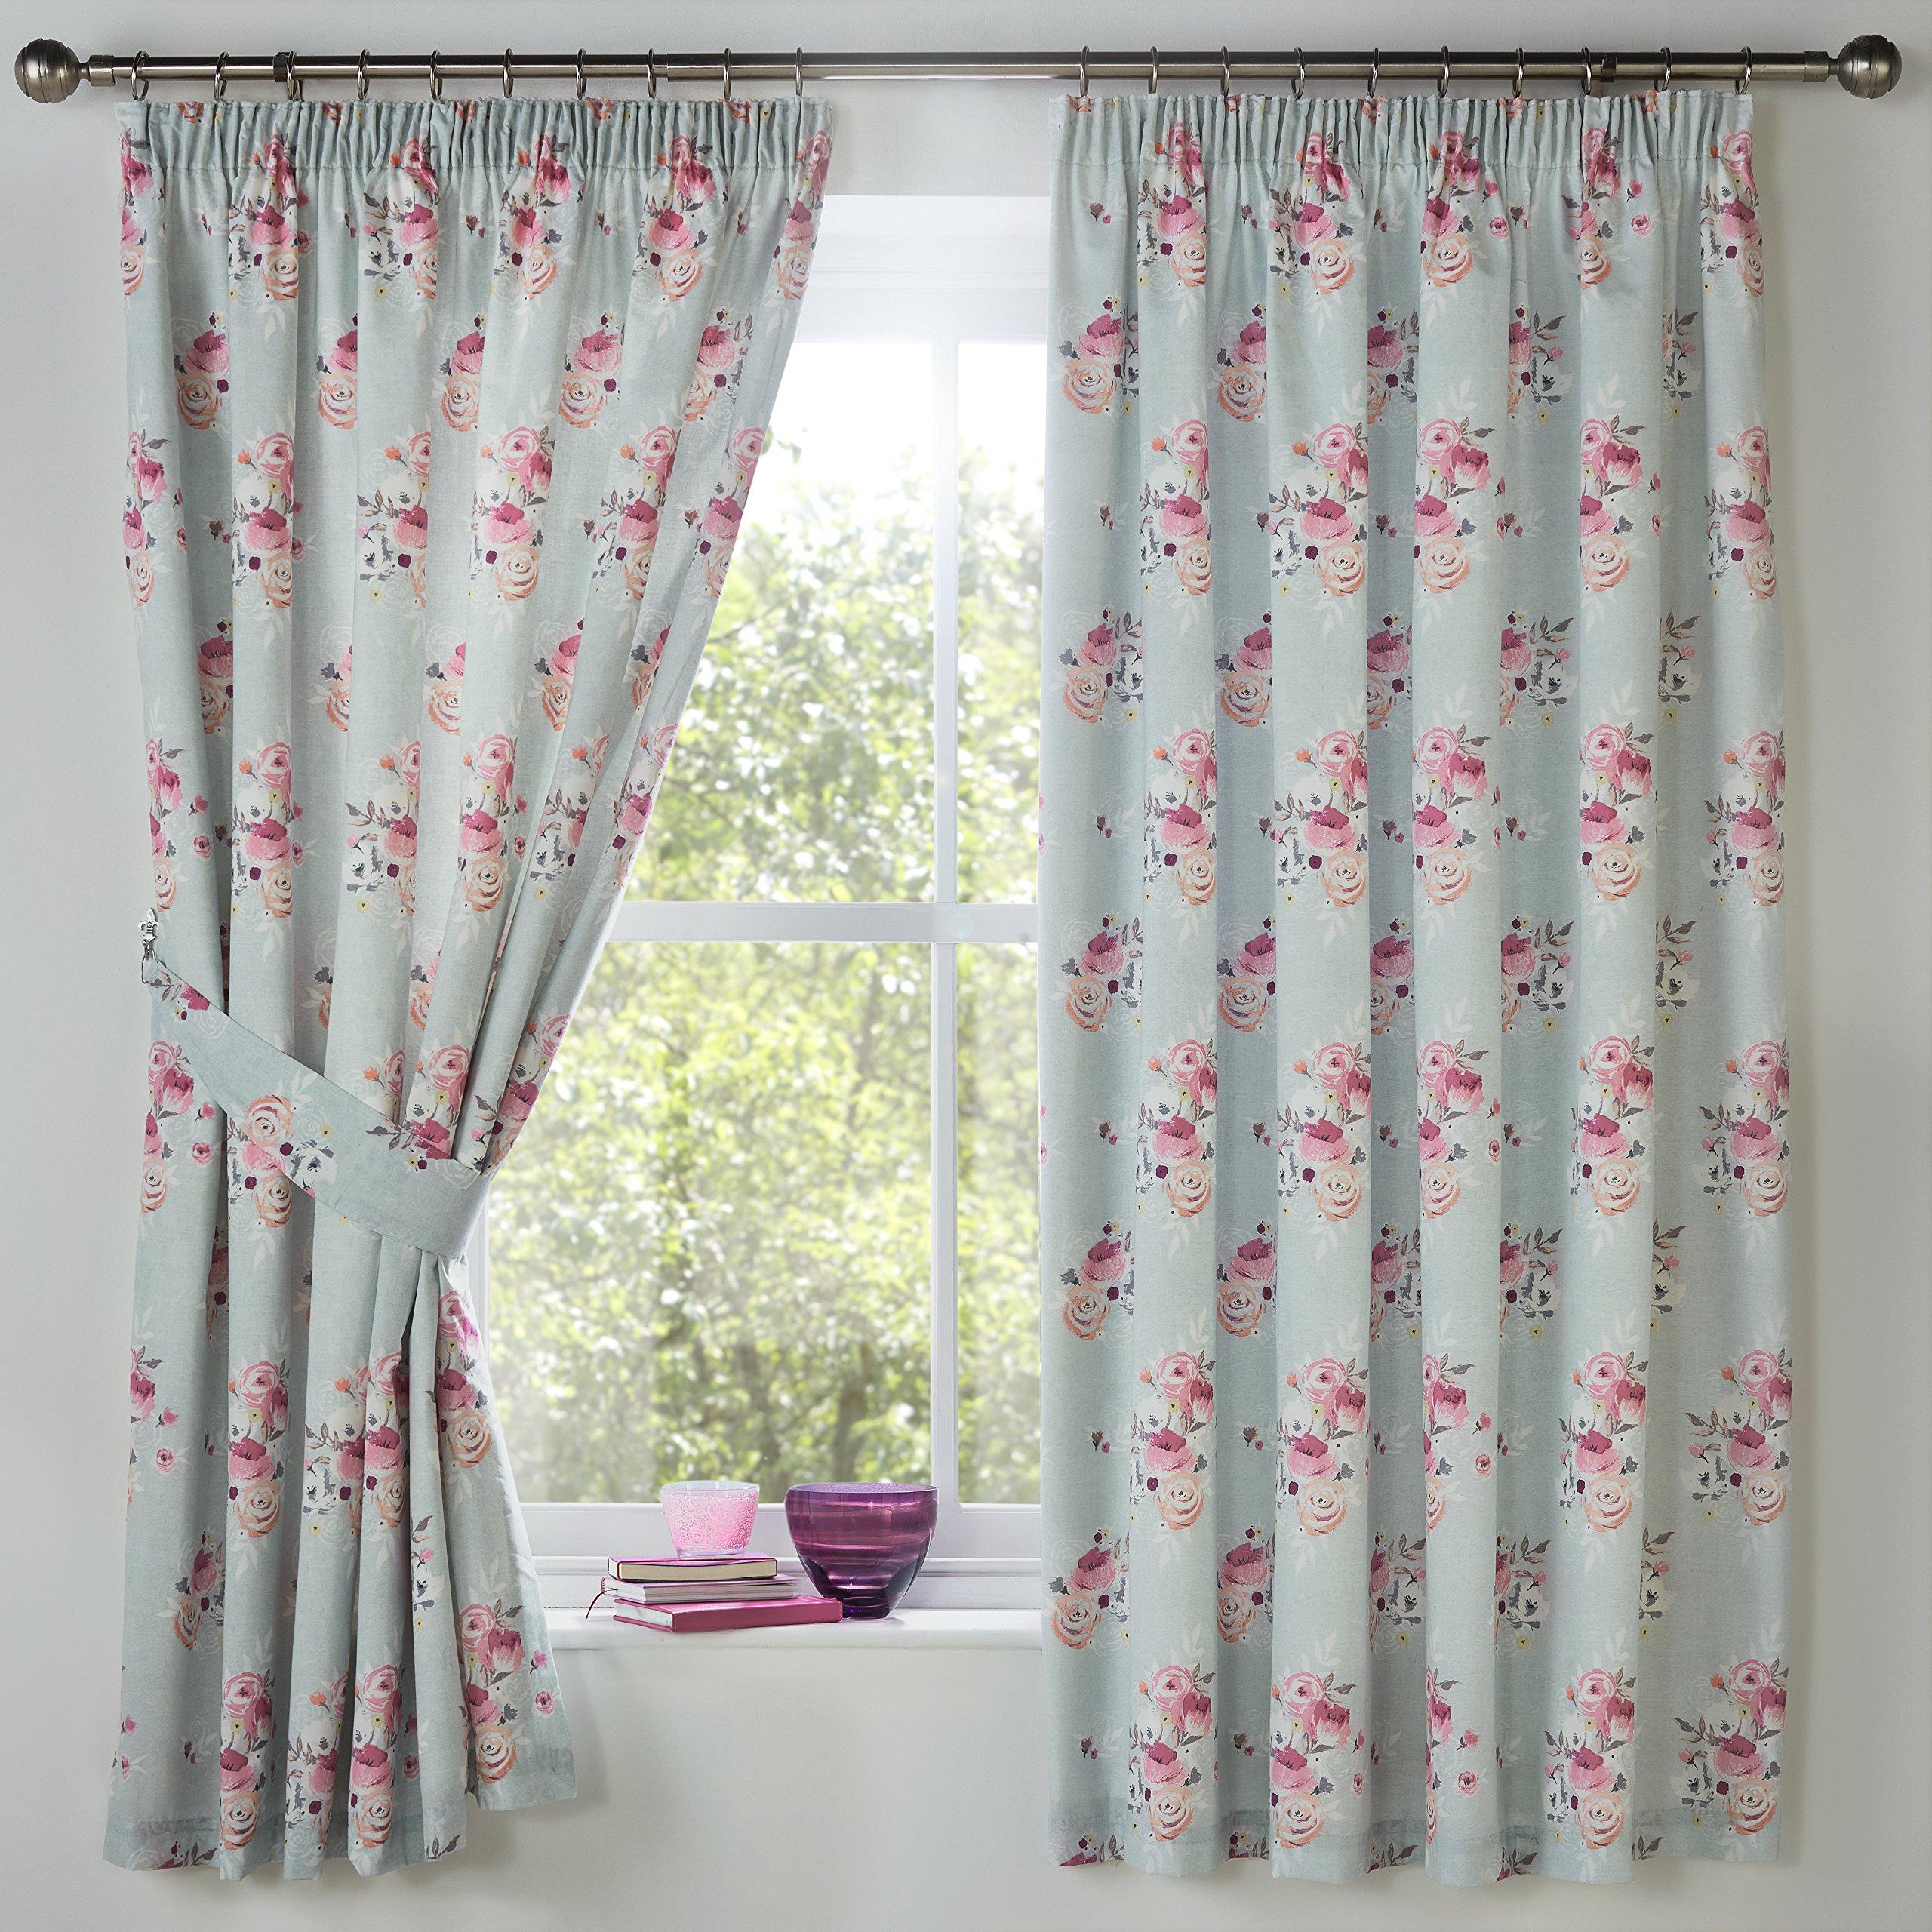 Dreams U0026 Drapes   Penelope   Lined Pencil Pleat Curtains   66x72 (168 X  183cm